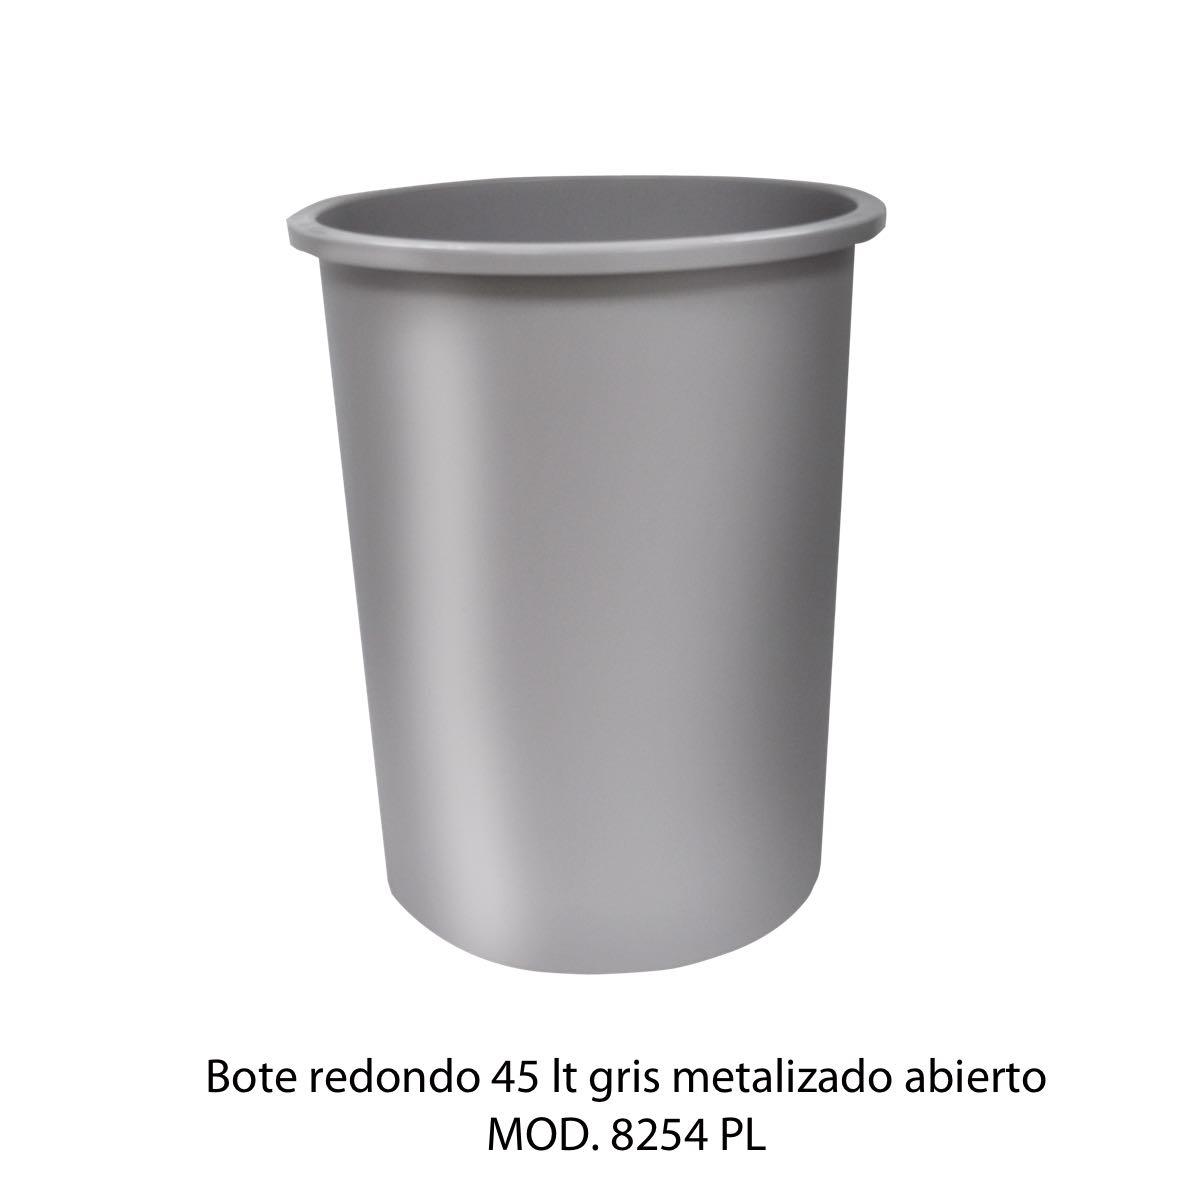 Bote de basura redondo de 45 litros sin tapa color gris metalizado modelo 8254 PL Sablón